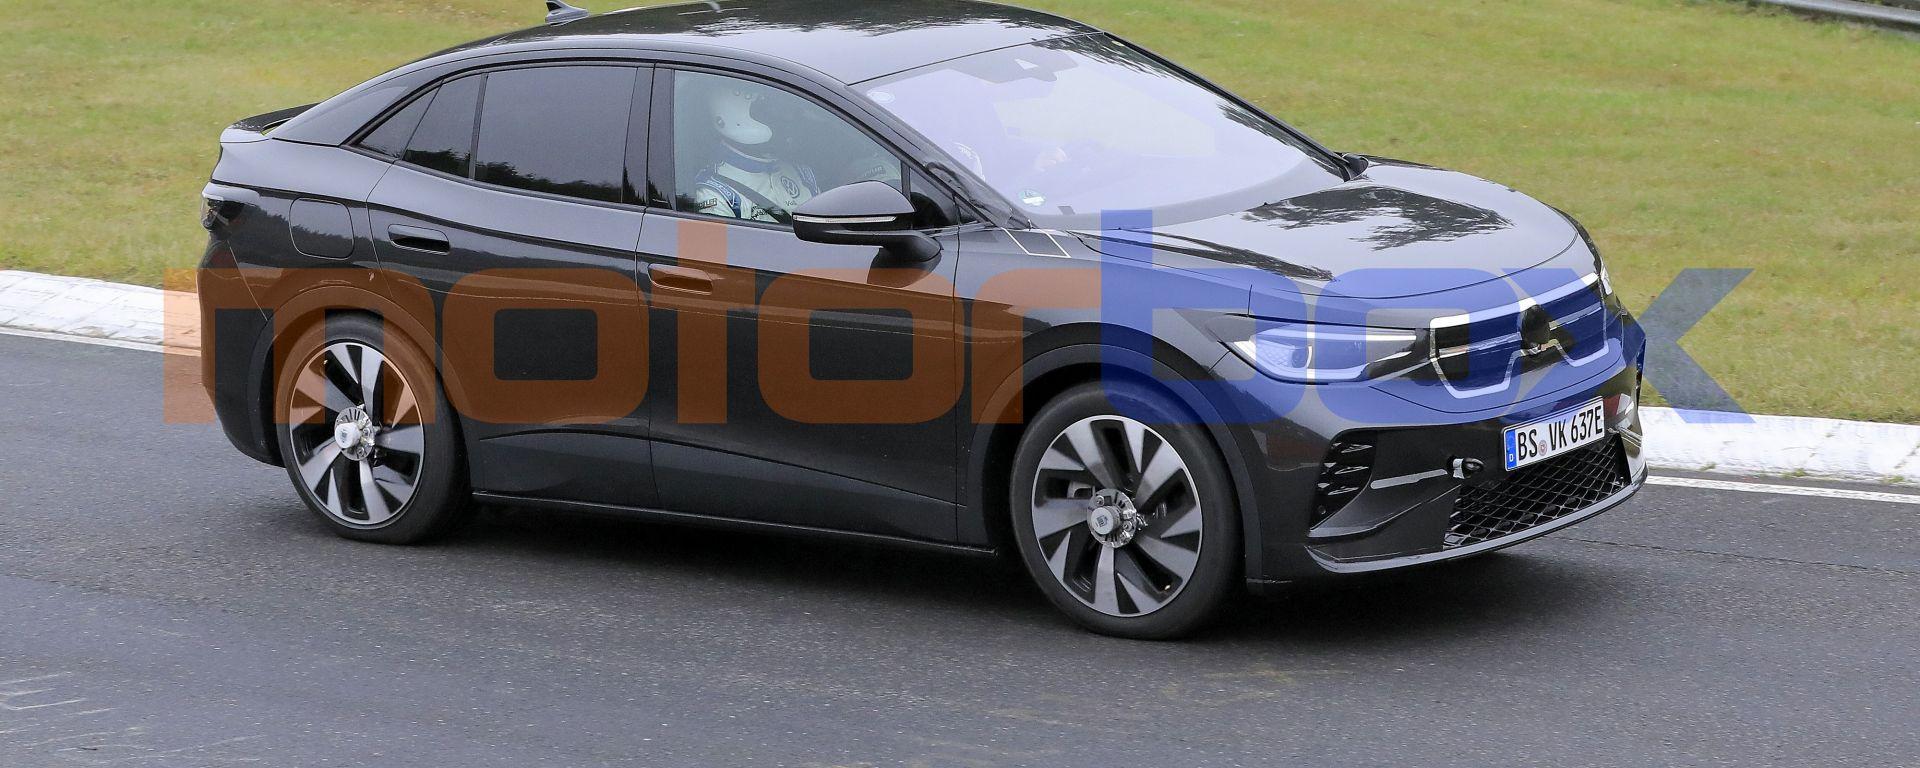 Volkswagen ID.5, prime foto spia del SUV coupé elettrico